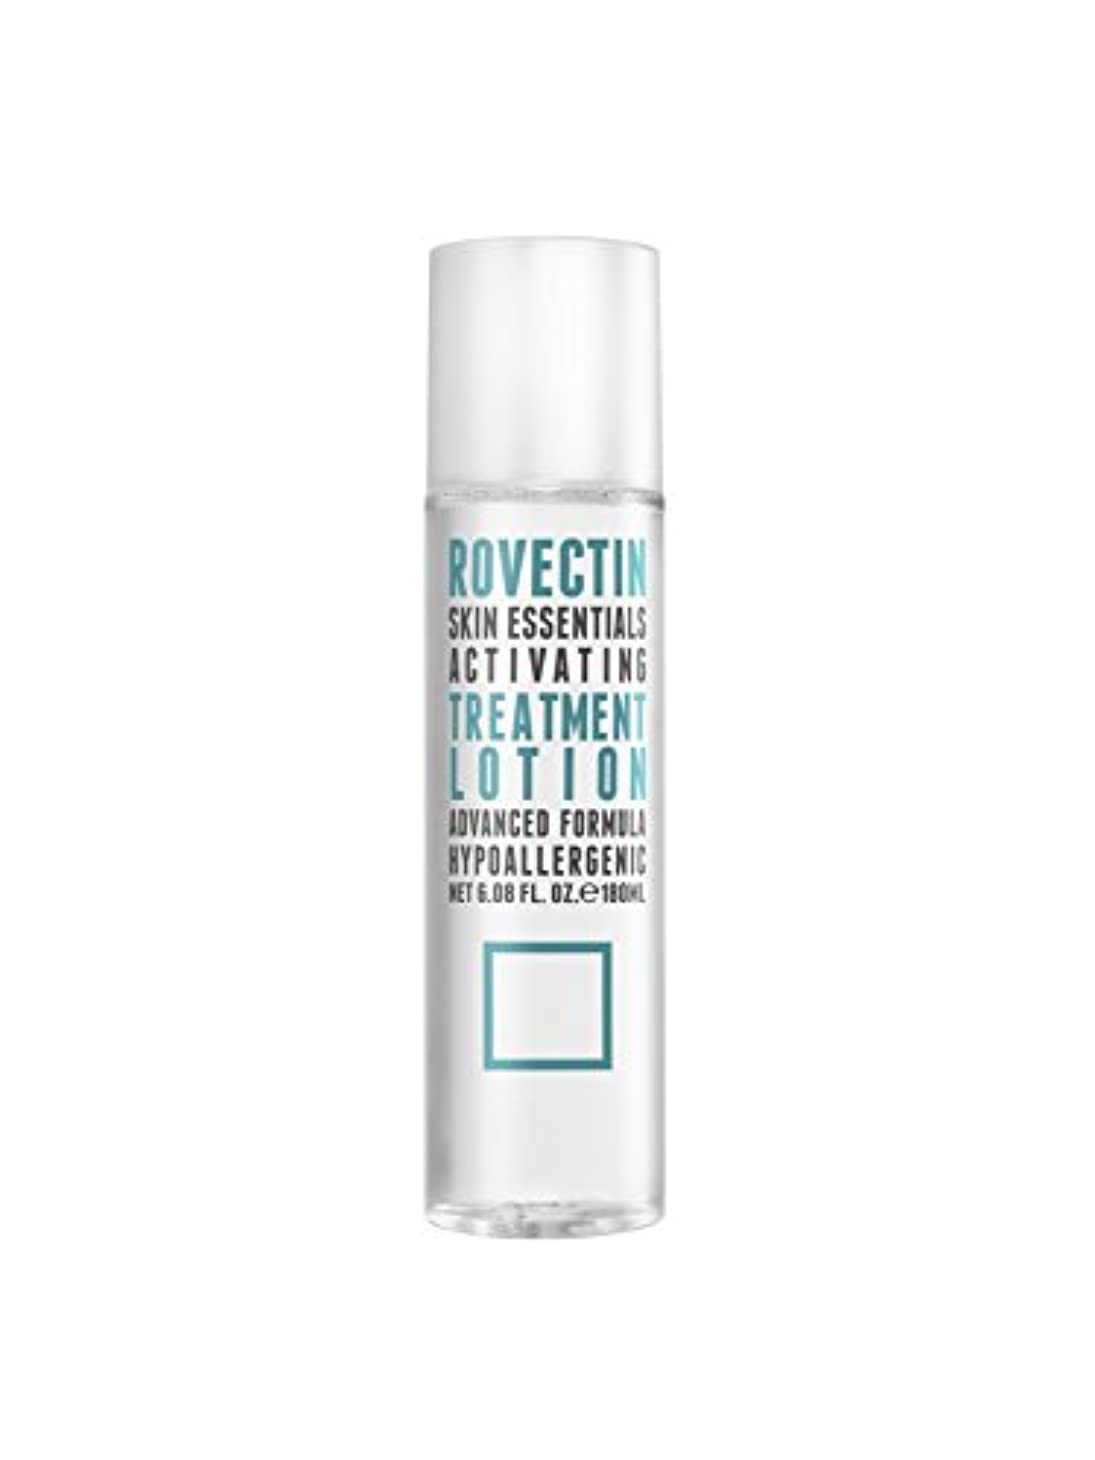 弾丸できるシチリアスキン エッセンシャルズ アクティベイティング トリートメントローション Skin Essentials Activating Treatment Lotion 180ml [並行輸入品]